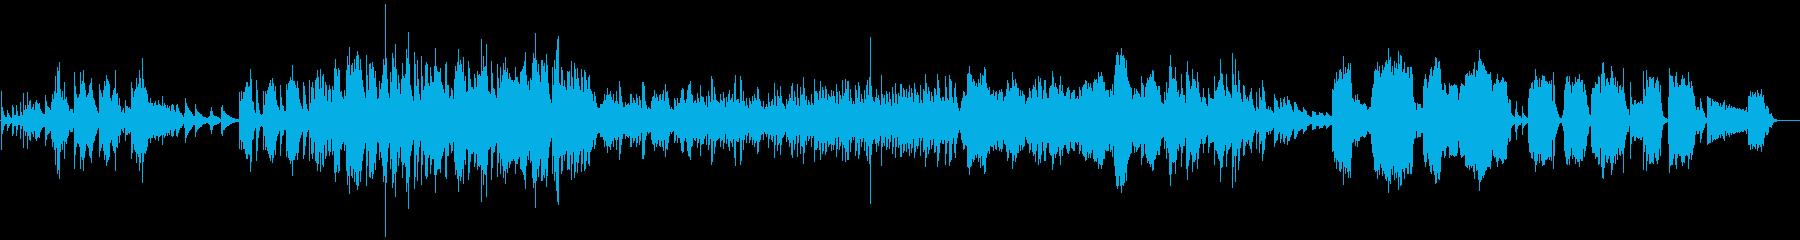 【生入り】和風=箏、篠笛、ピアノしみじみの再生済みの波形